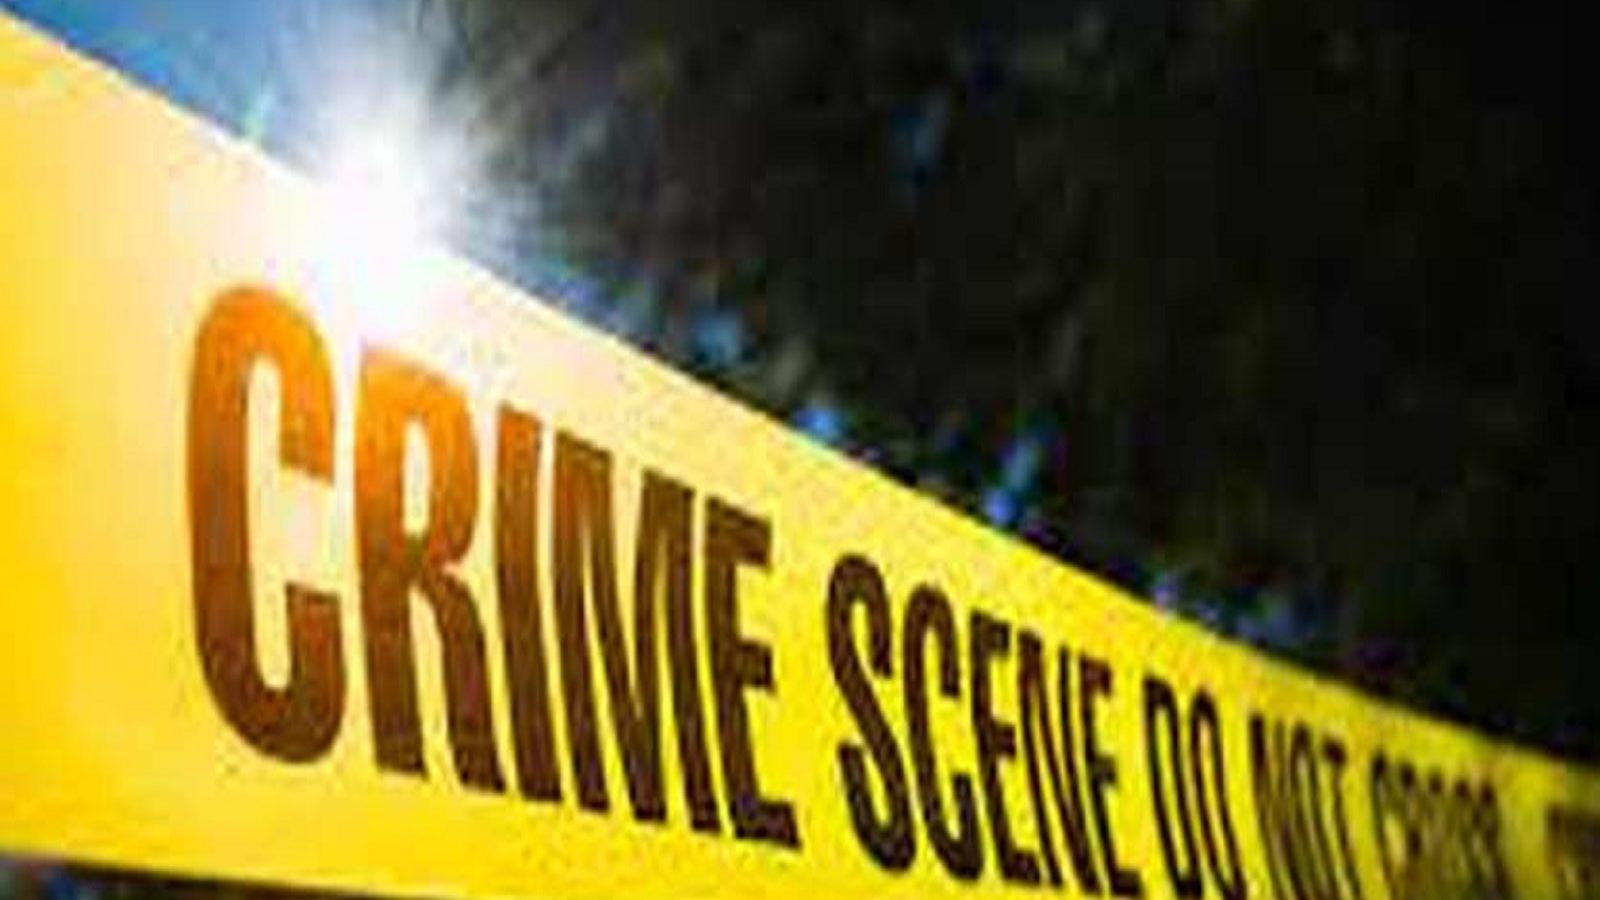 Ujjain News: होटल में BF के साथ थी 15 साल की लड़की, अचानक गिरी तीसरी मंजिल से, पुलिस इस एंगल पर कर रही जांच